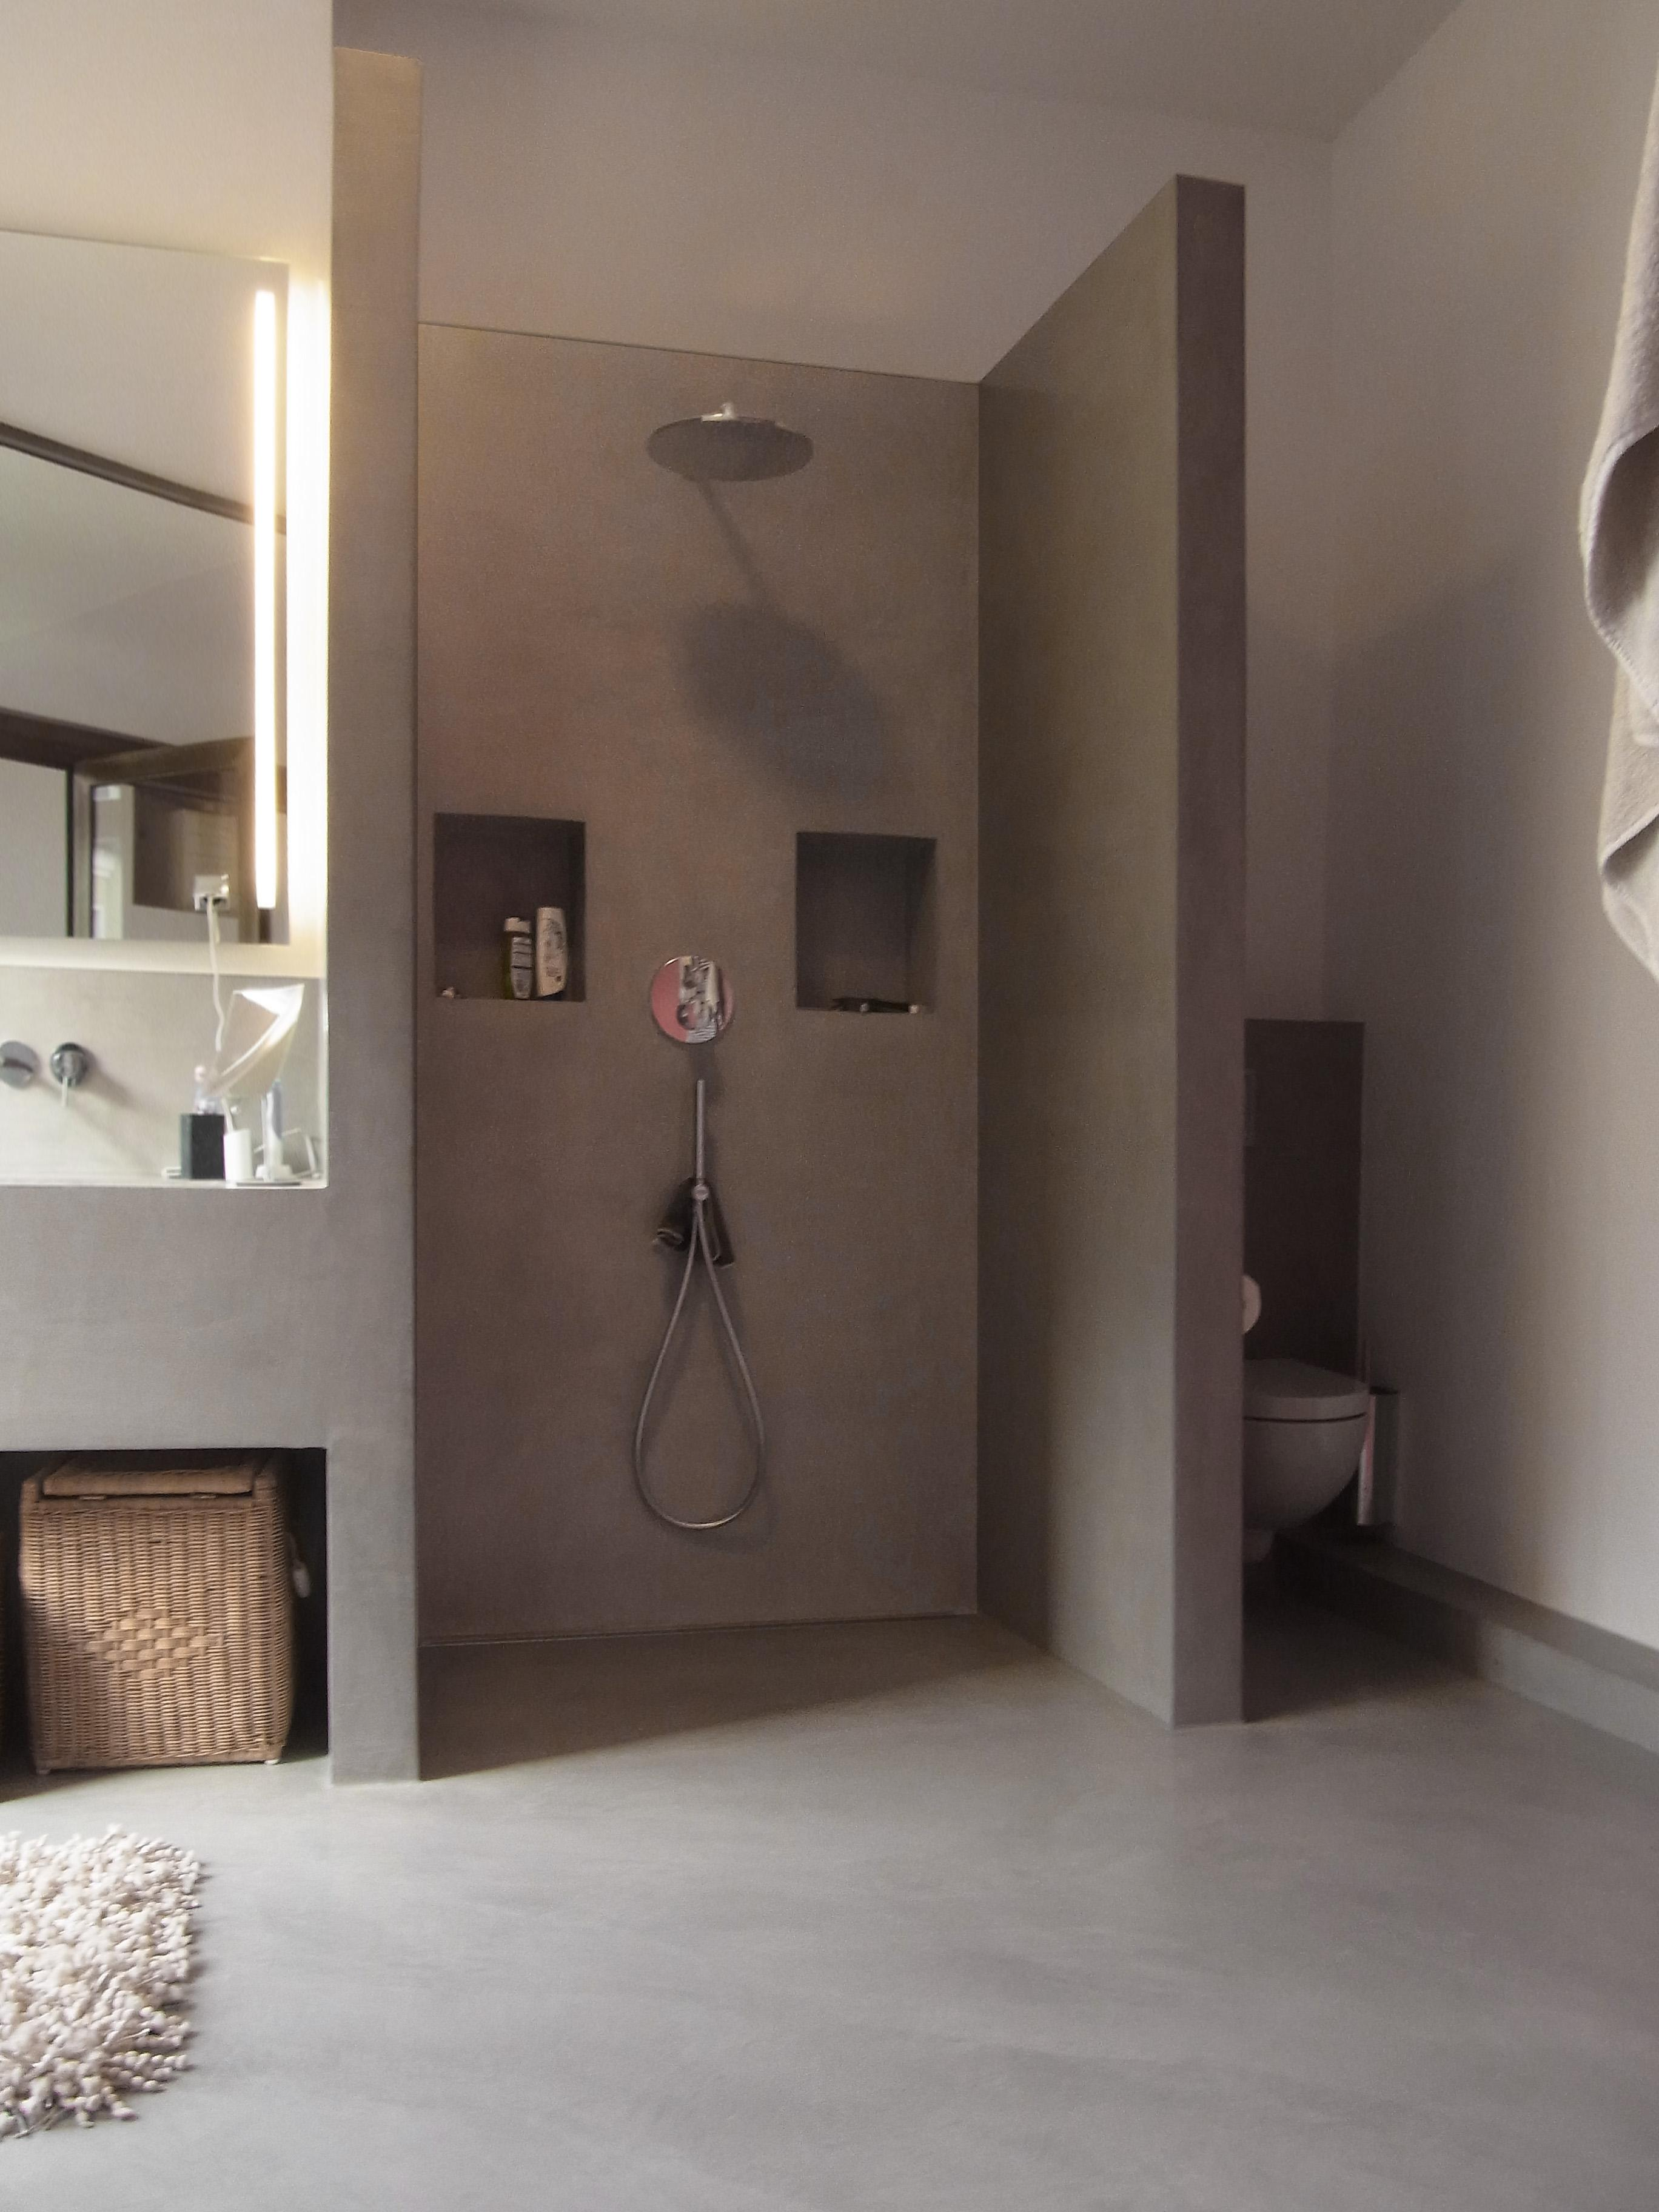 Hochwertig Offenes Badezimmer #offenesbadezimmer #betonwaschtisch #betonciredusche  ©MEYLENSTEIN